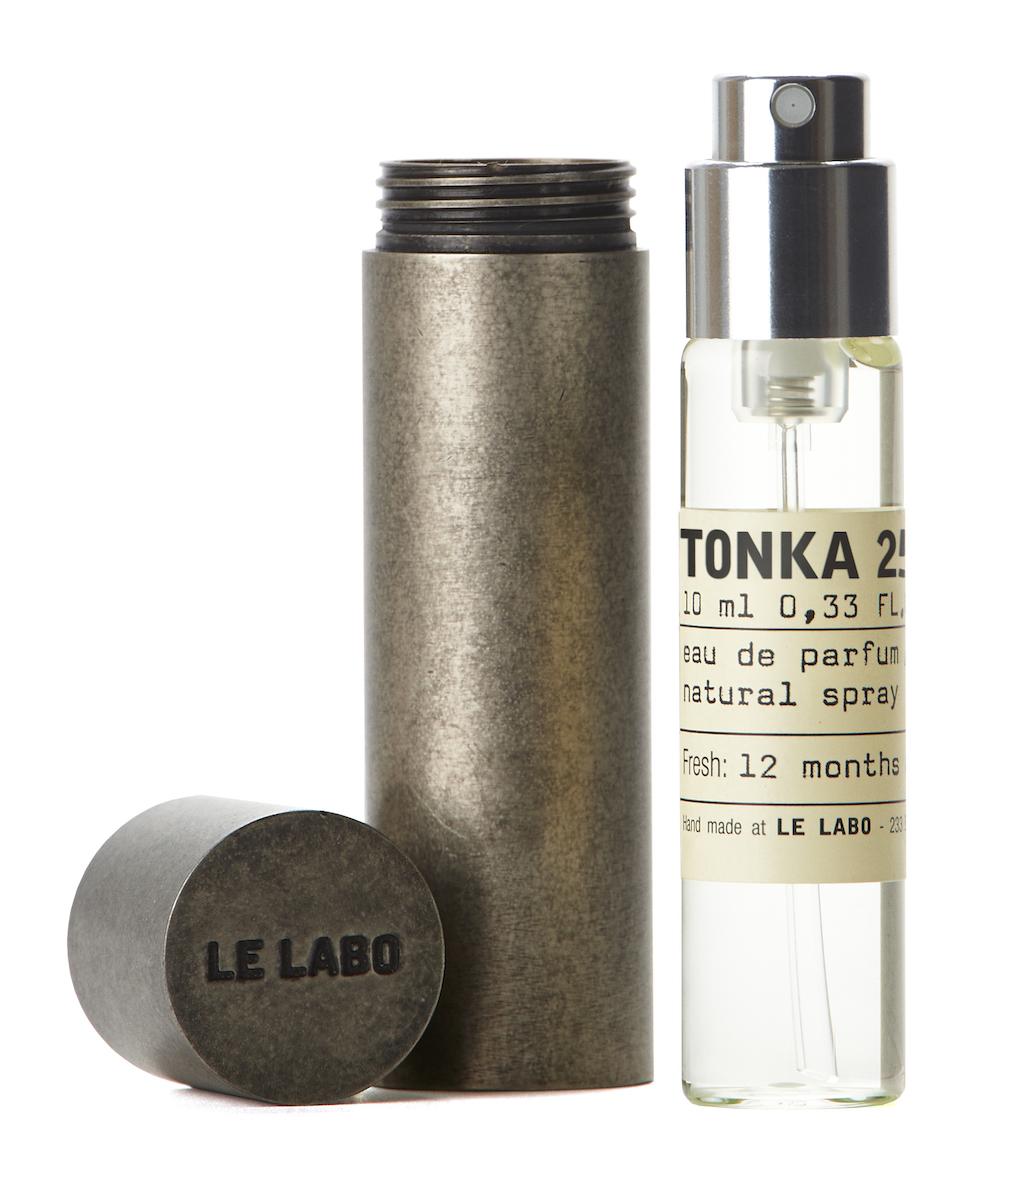 Le Labo Tonka 25 travel spray